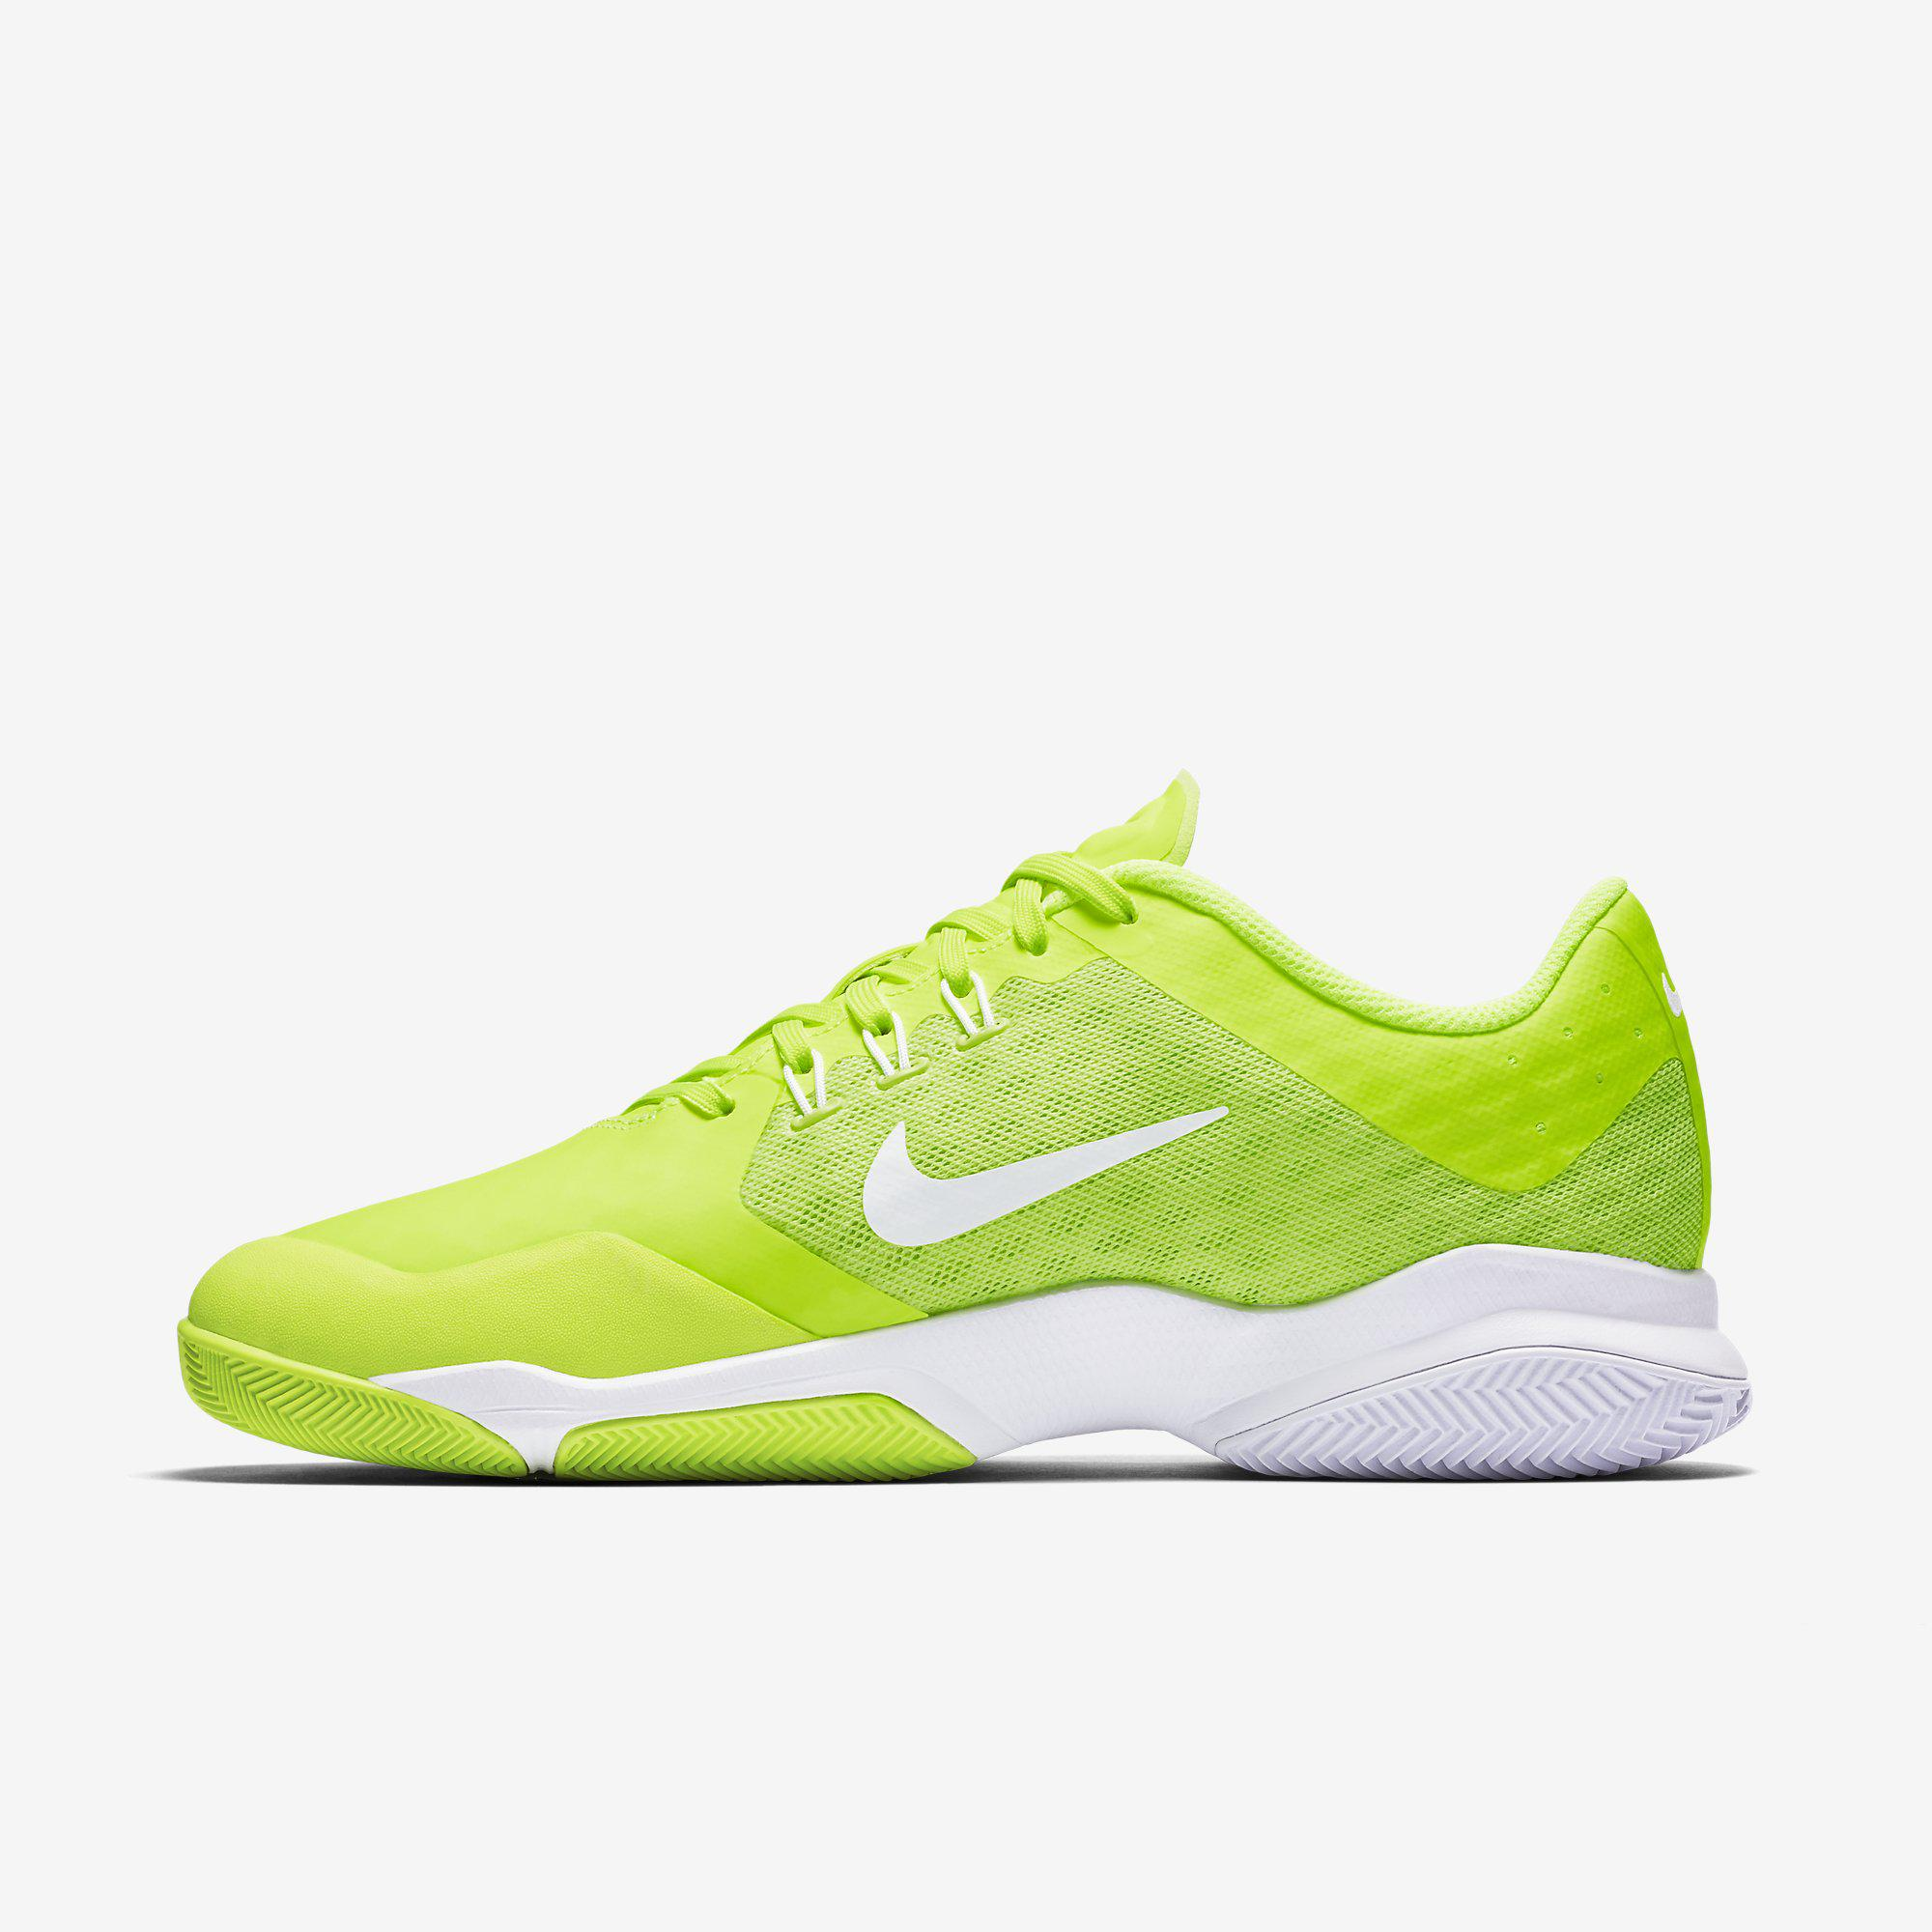 b1070e4695cc ... usa nike womens air zoom ultra tennis shoes volt 63674 fef26